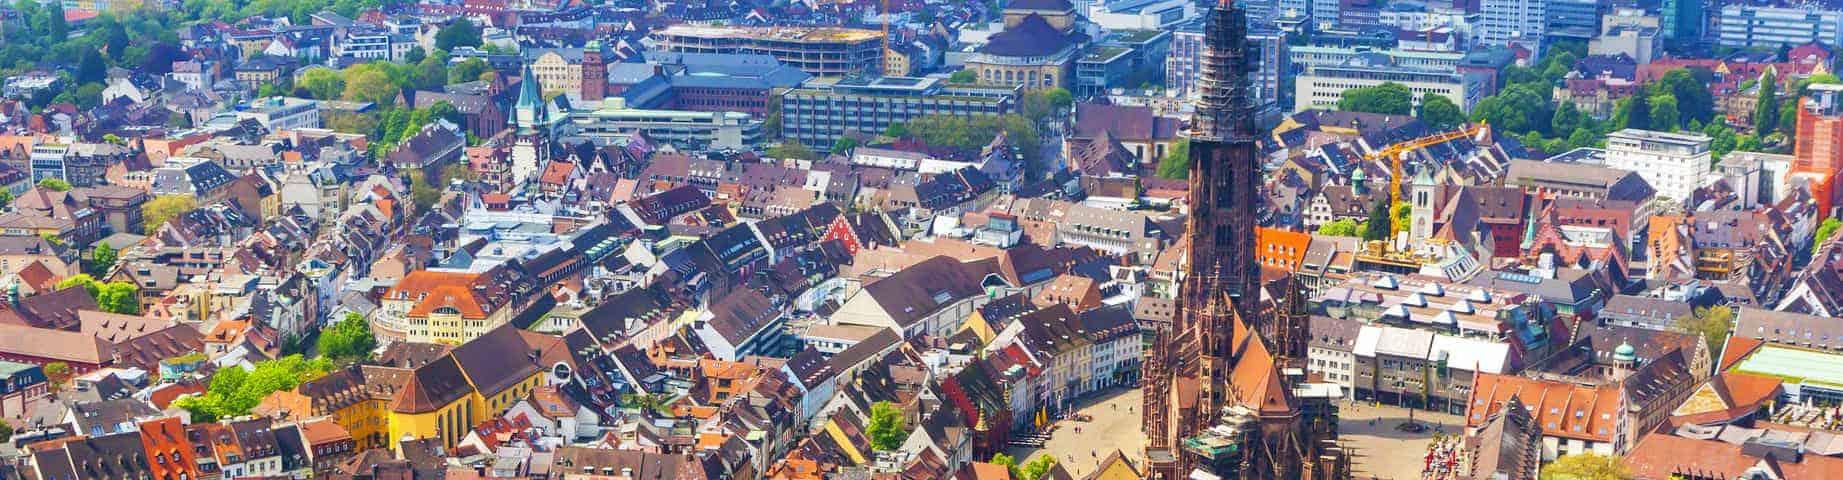 Free Tour Friburgo - Turismo de Alemania